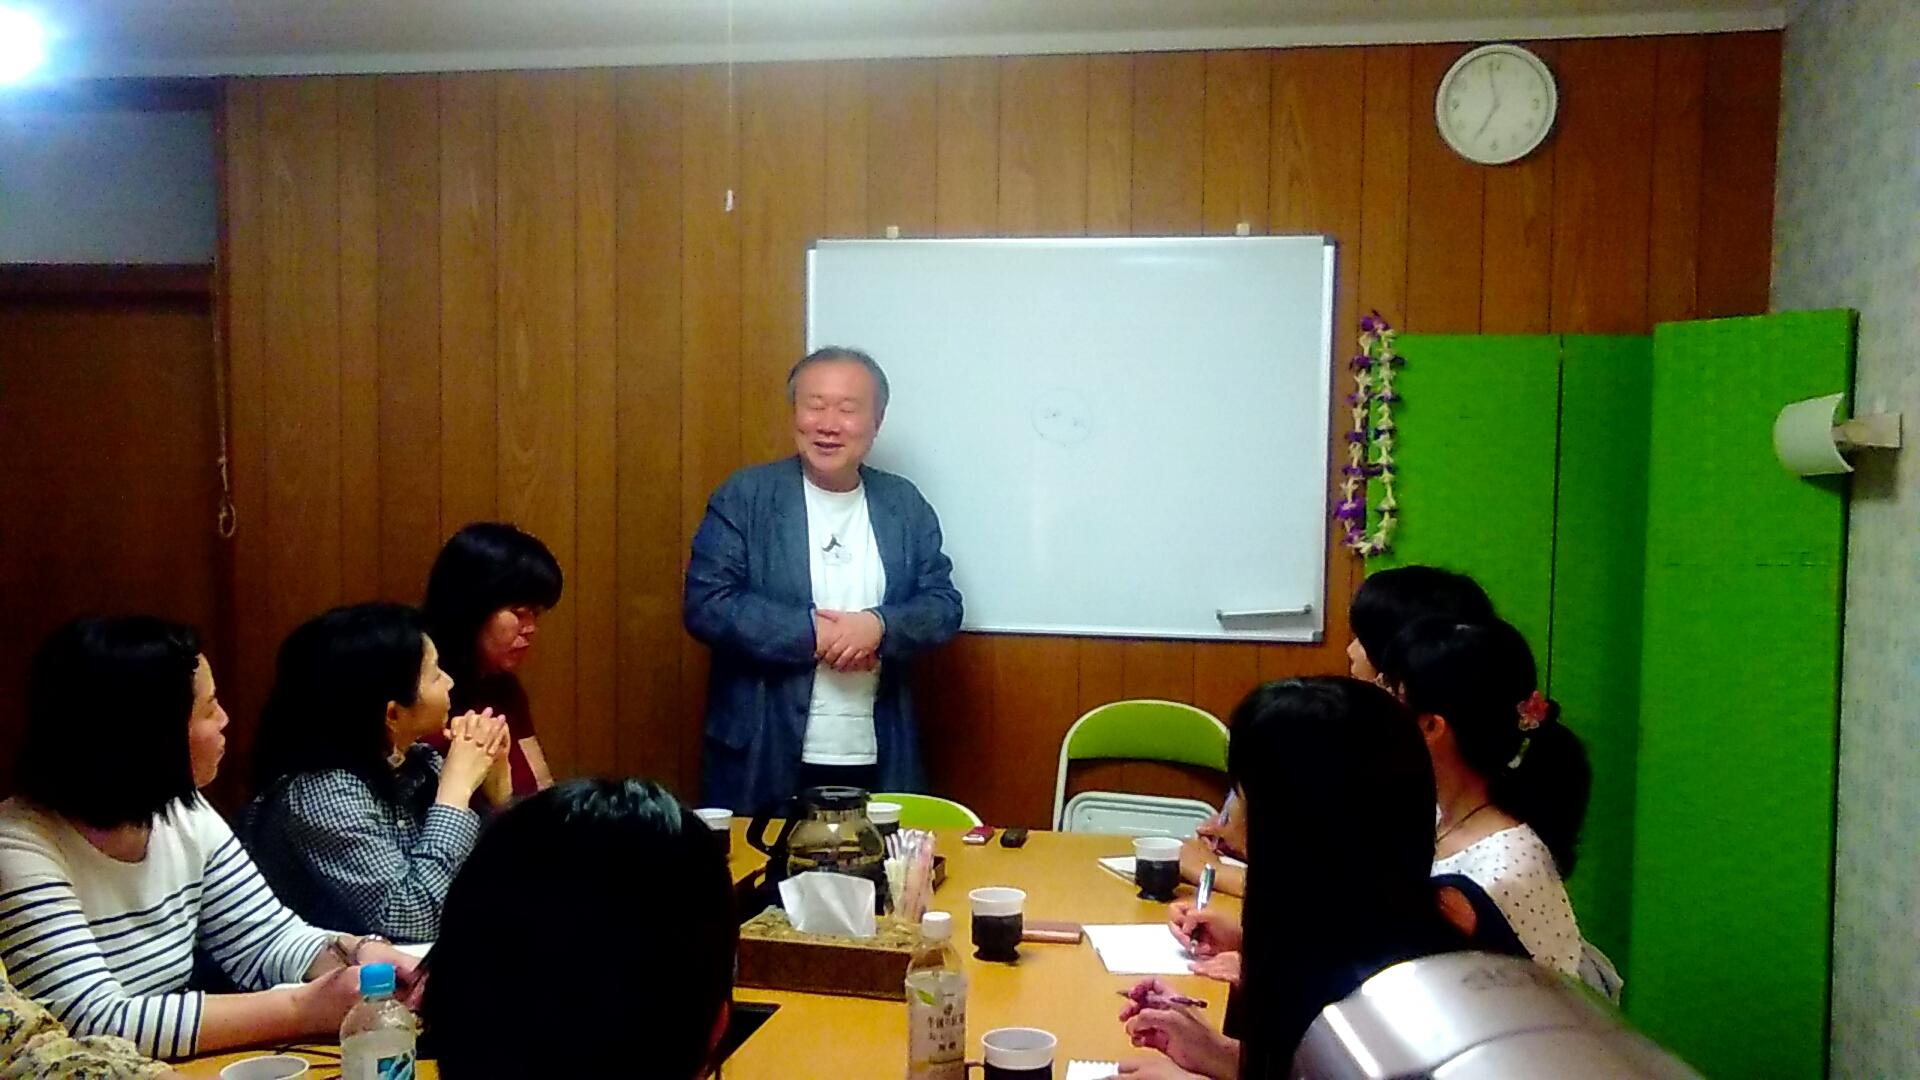 20180412185949 - 2018年4月12日 愛の子育て塾第12期第3講座開催しました。